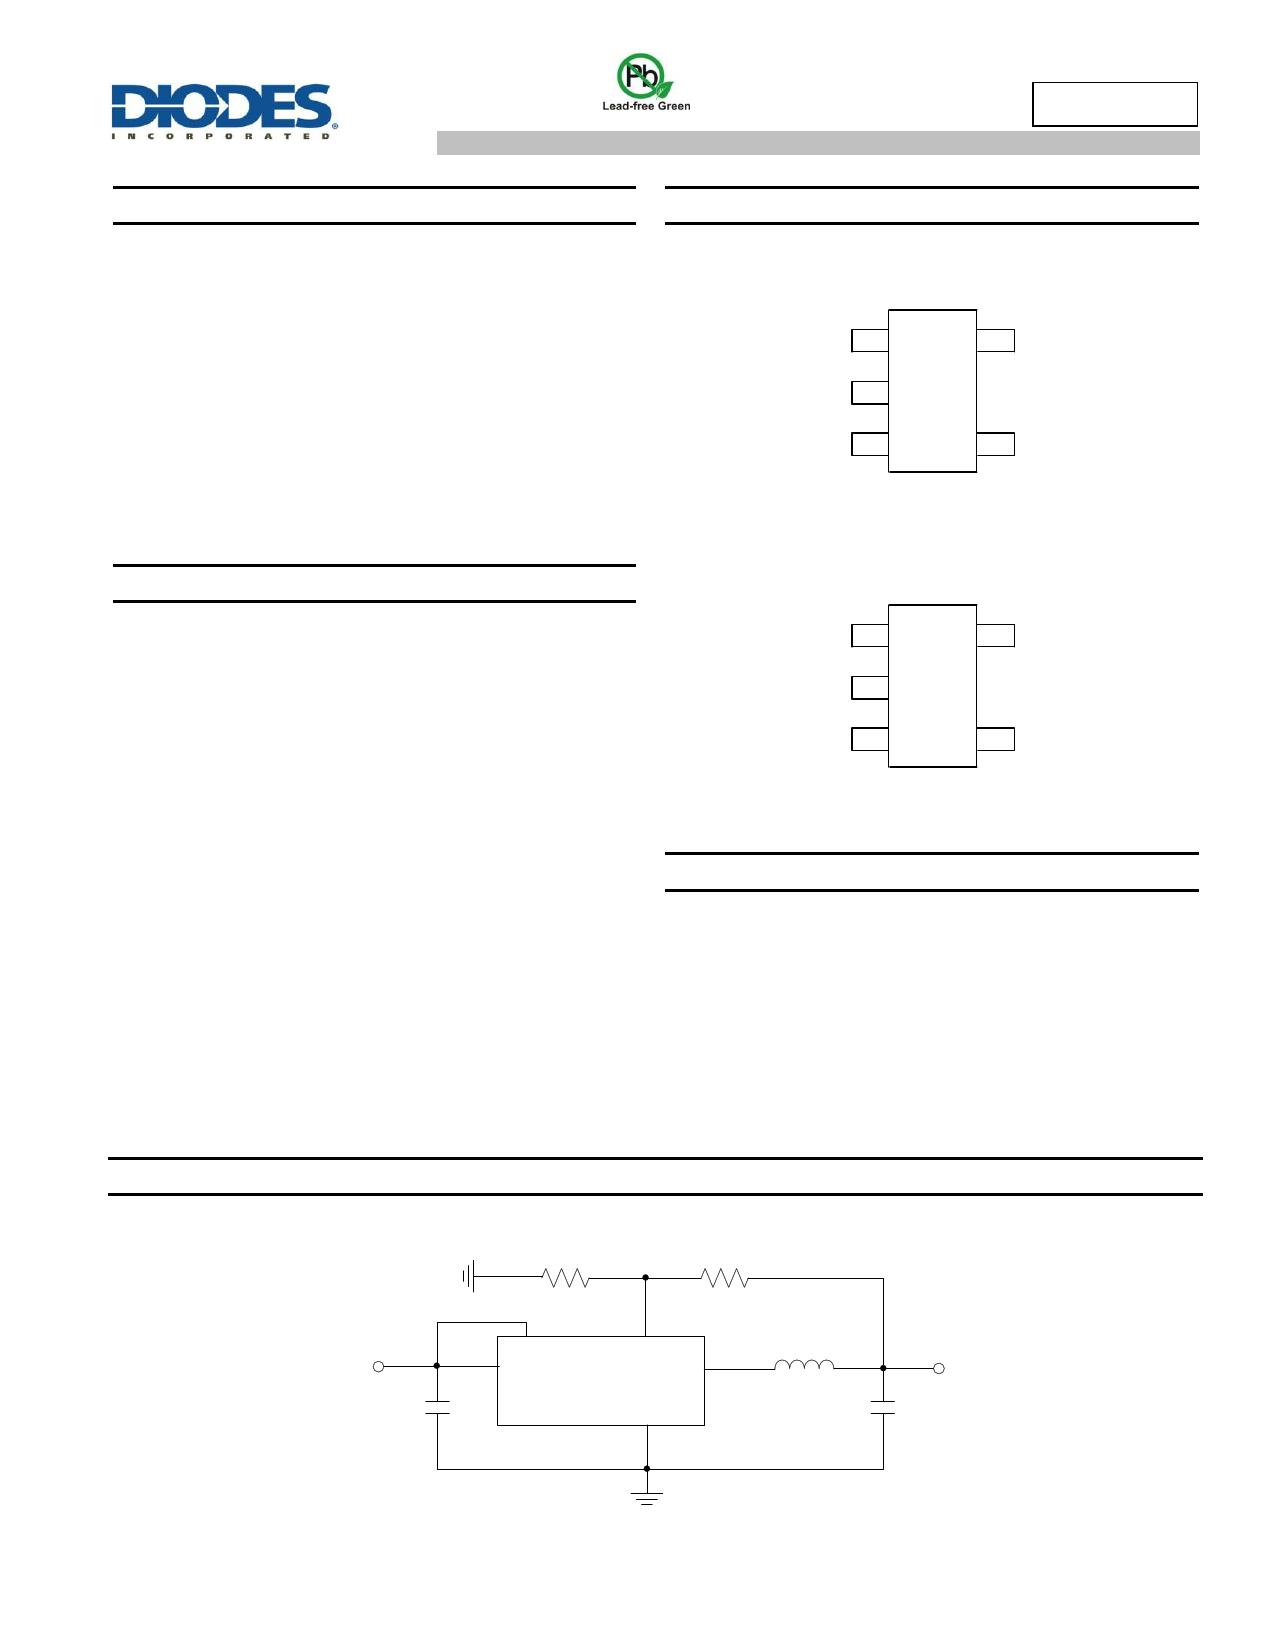 AP3407A データシート pdf pinout